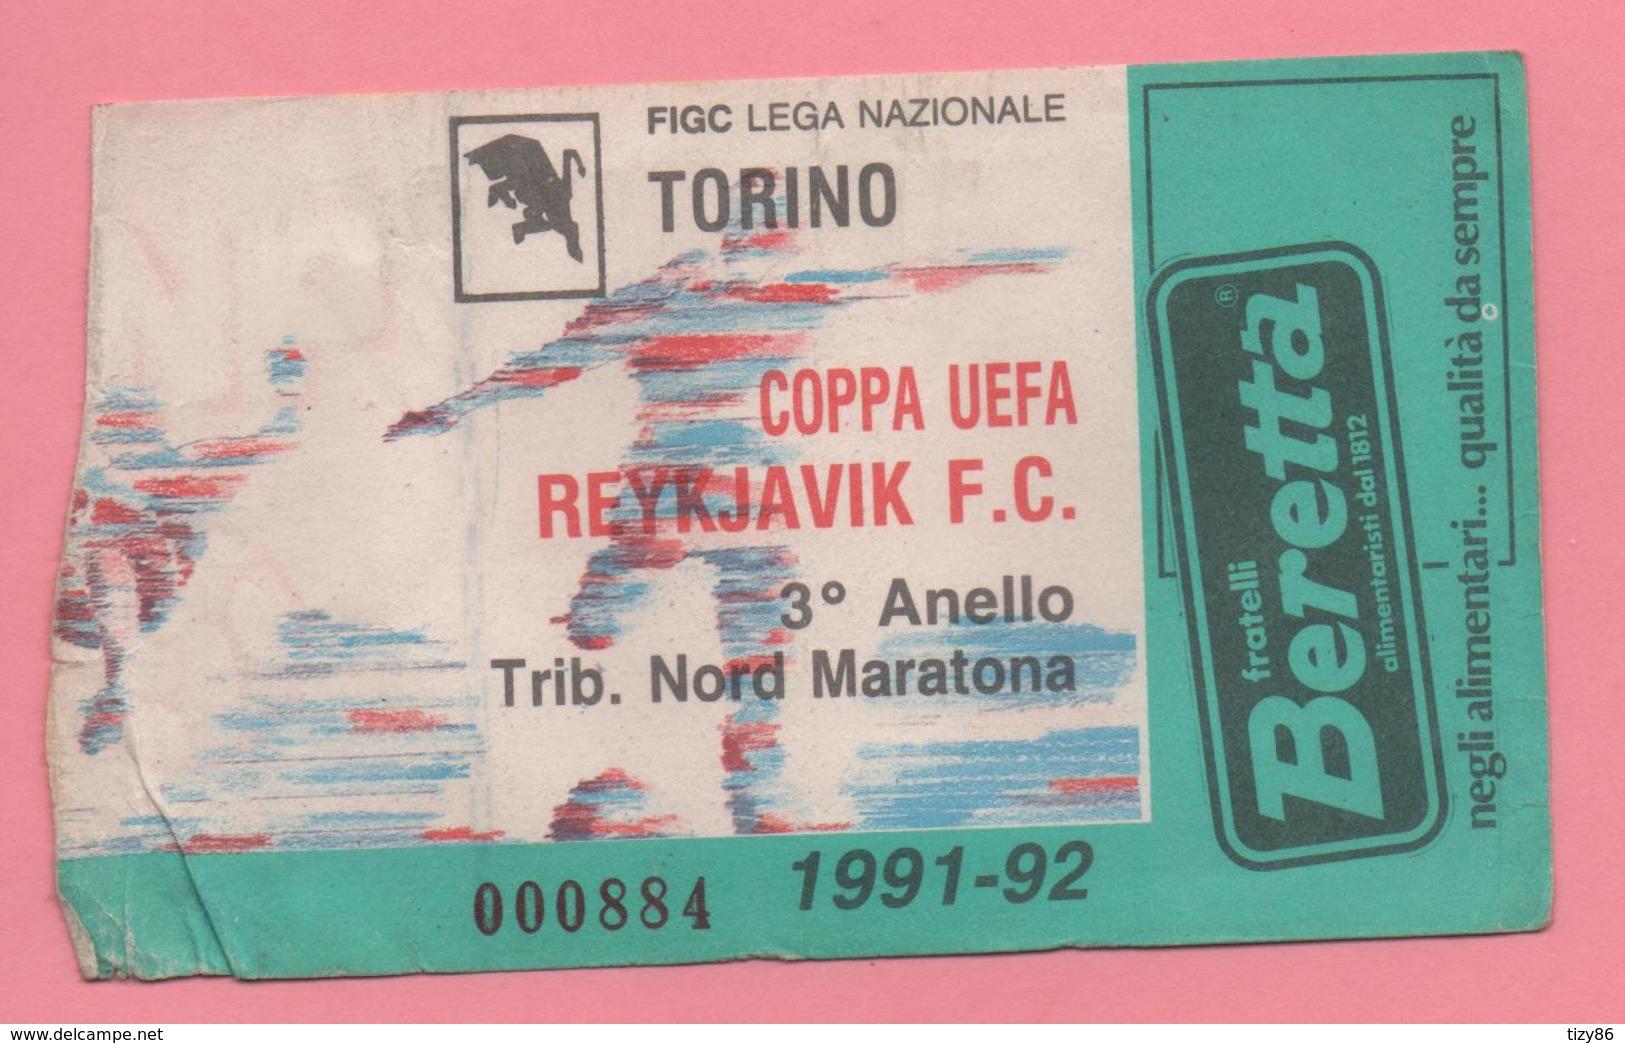 Biglietto Ingresso Stadio Torino Reykjavik 1992 - Tickets - Vouchers